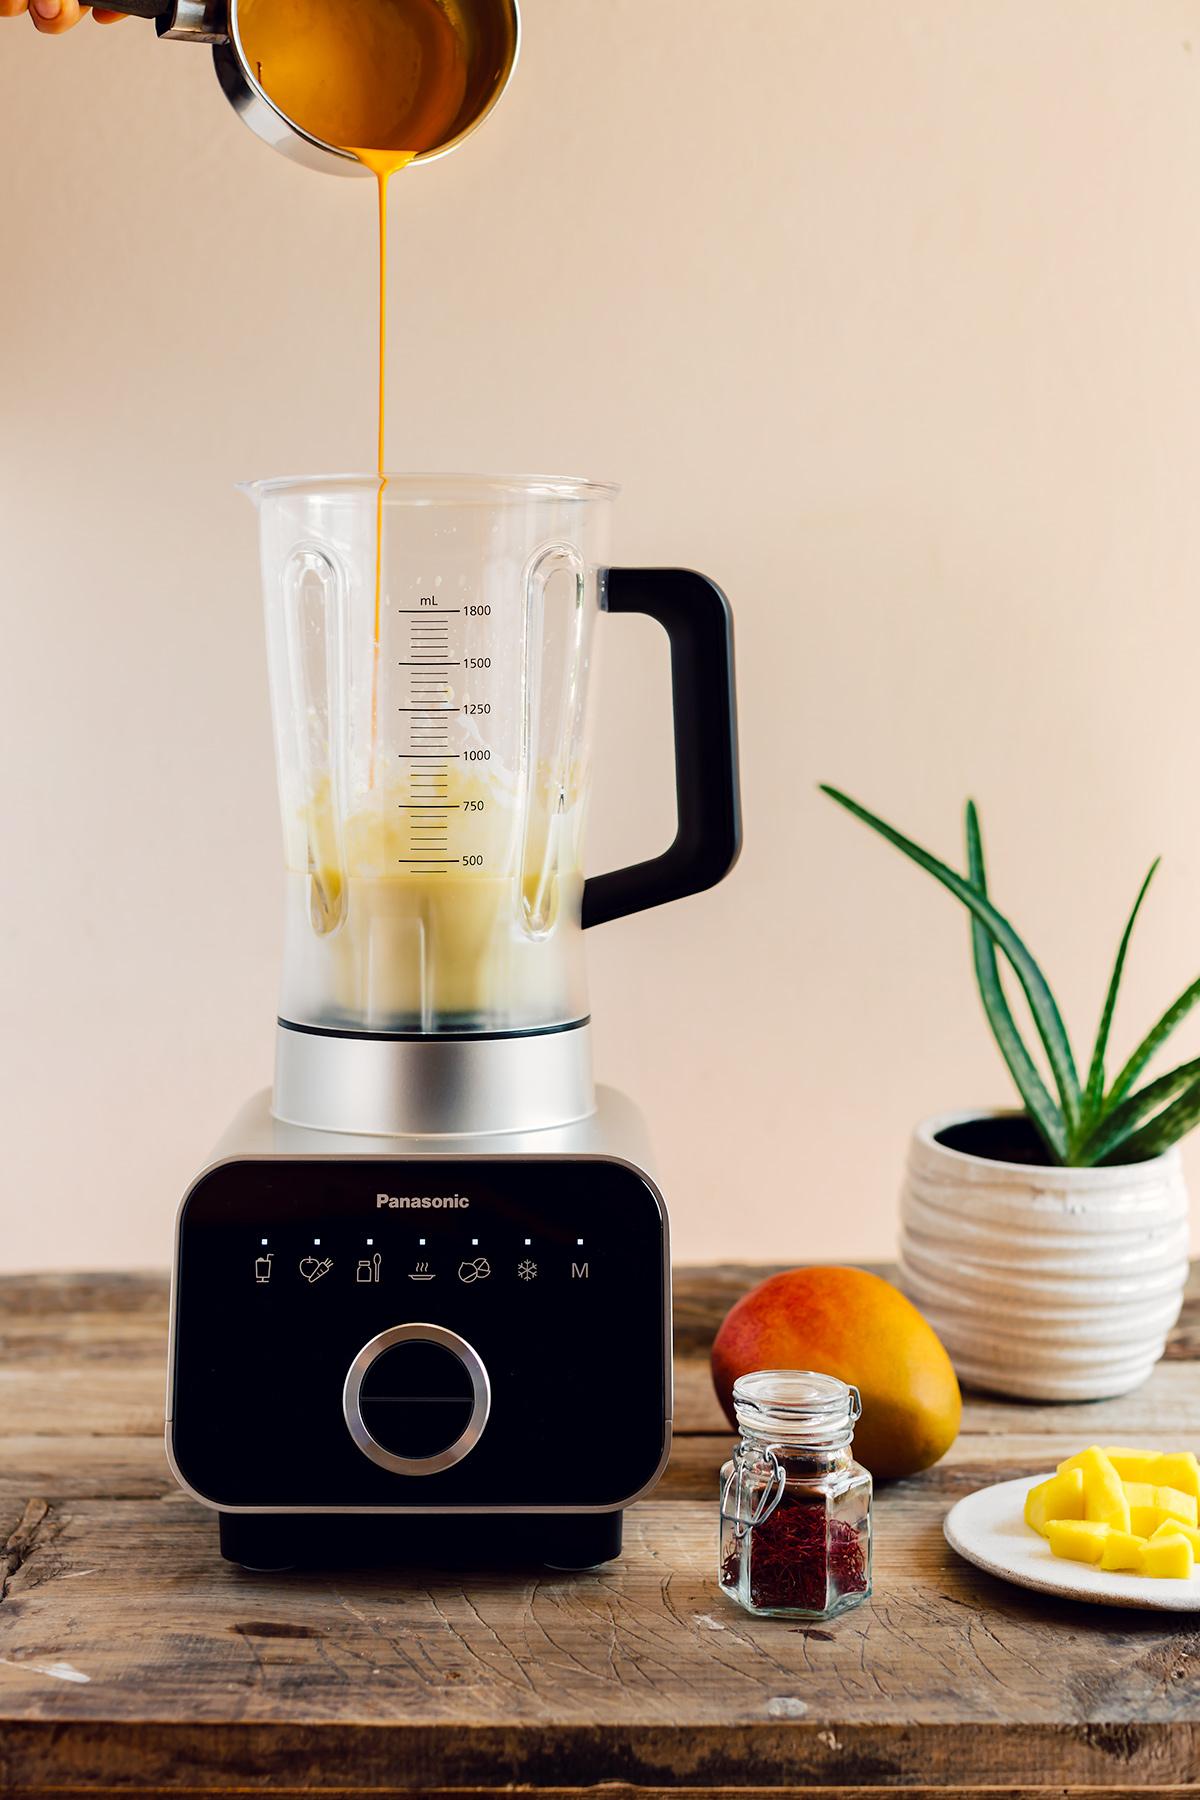 How to make VEGAN COCONUT MANGO SAFFRON ICECREAM recipe paleo come fare il GELATO COCCO e MANGO allo ZAFFERANO senza gelatiera 4 ingredienti paleo Vegan senza lattosio